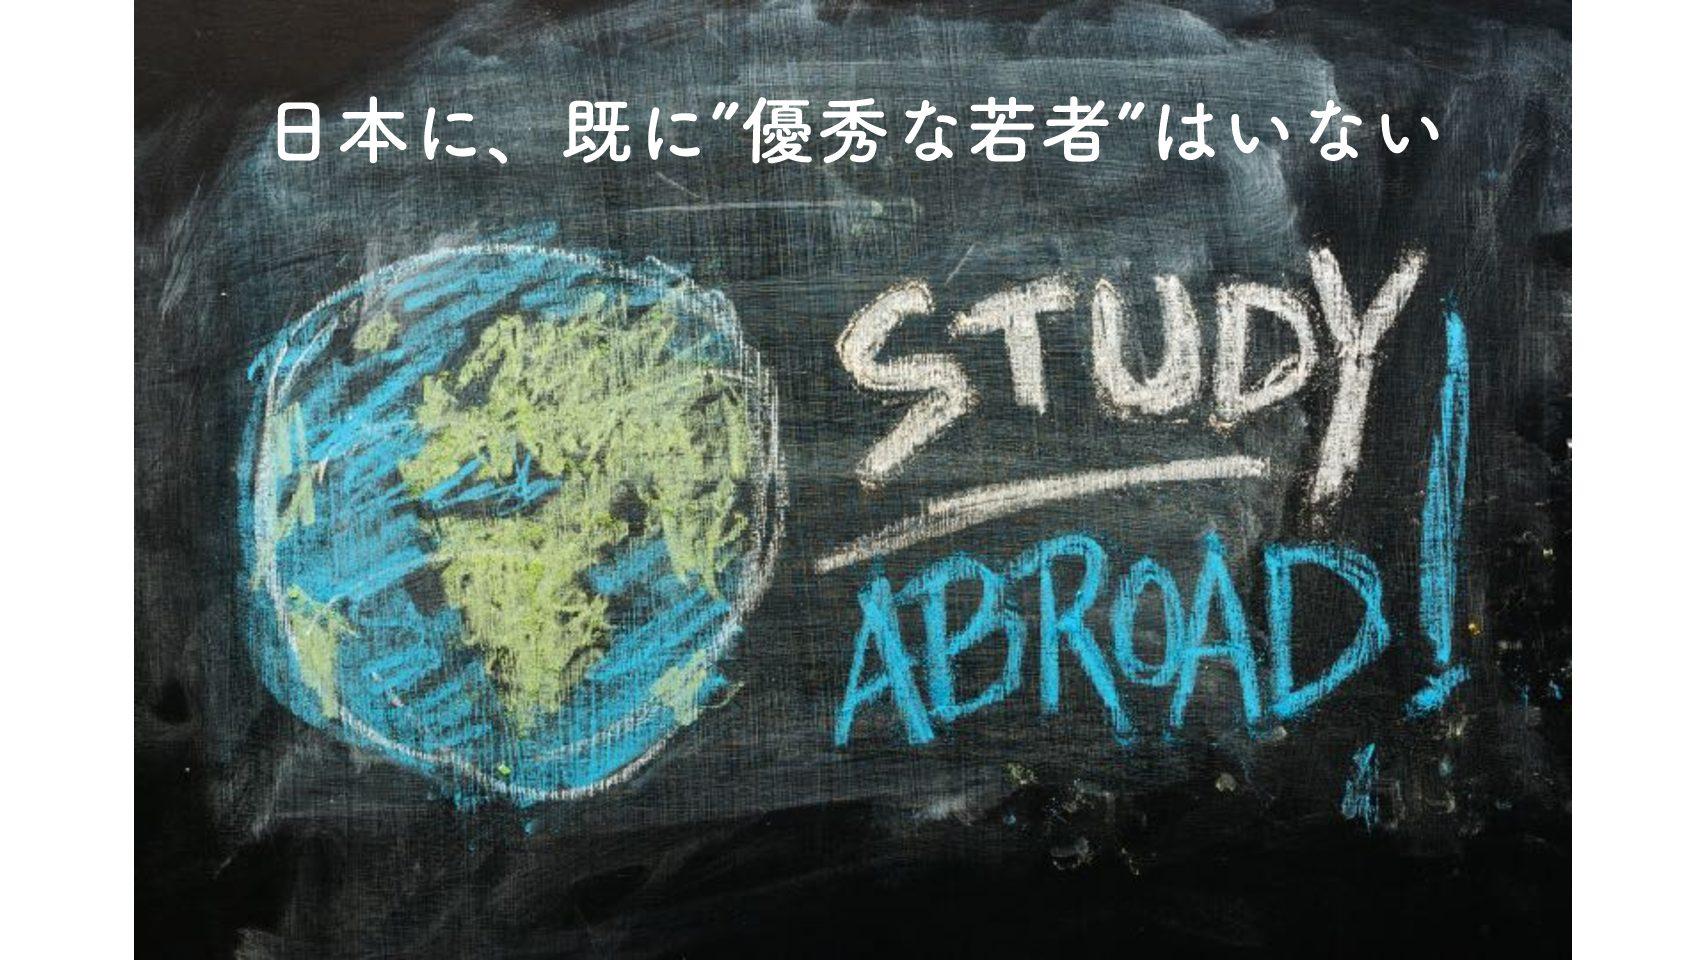 【衝撃の事実】優秀な若者は既に日本にいない。若者が海外に行く3つのメリット